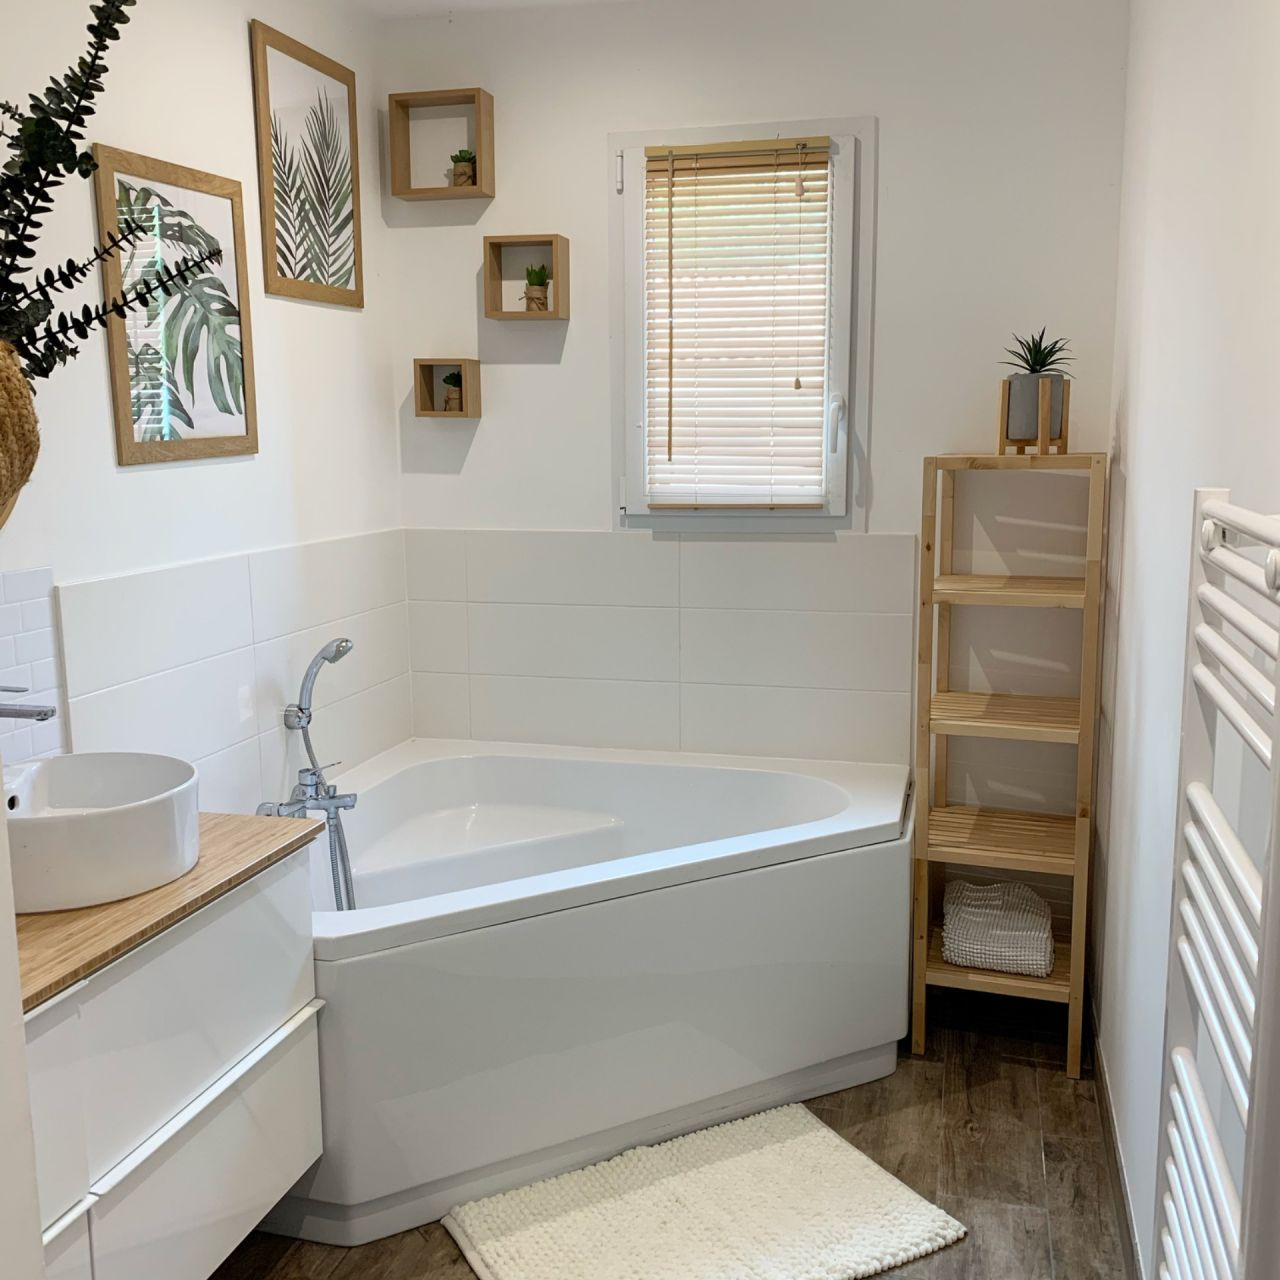 Voici une photo de ma salle de bain on a essayer de faire une ambiance zen! Plus de photo sur mon insta @homedeco85